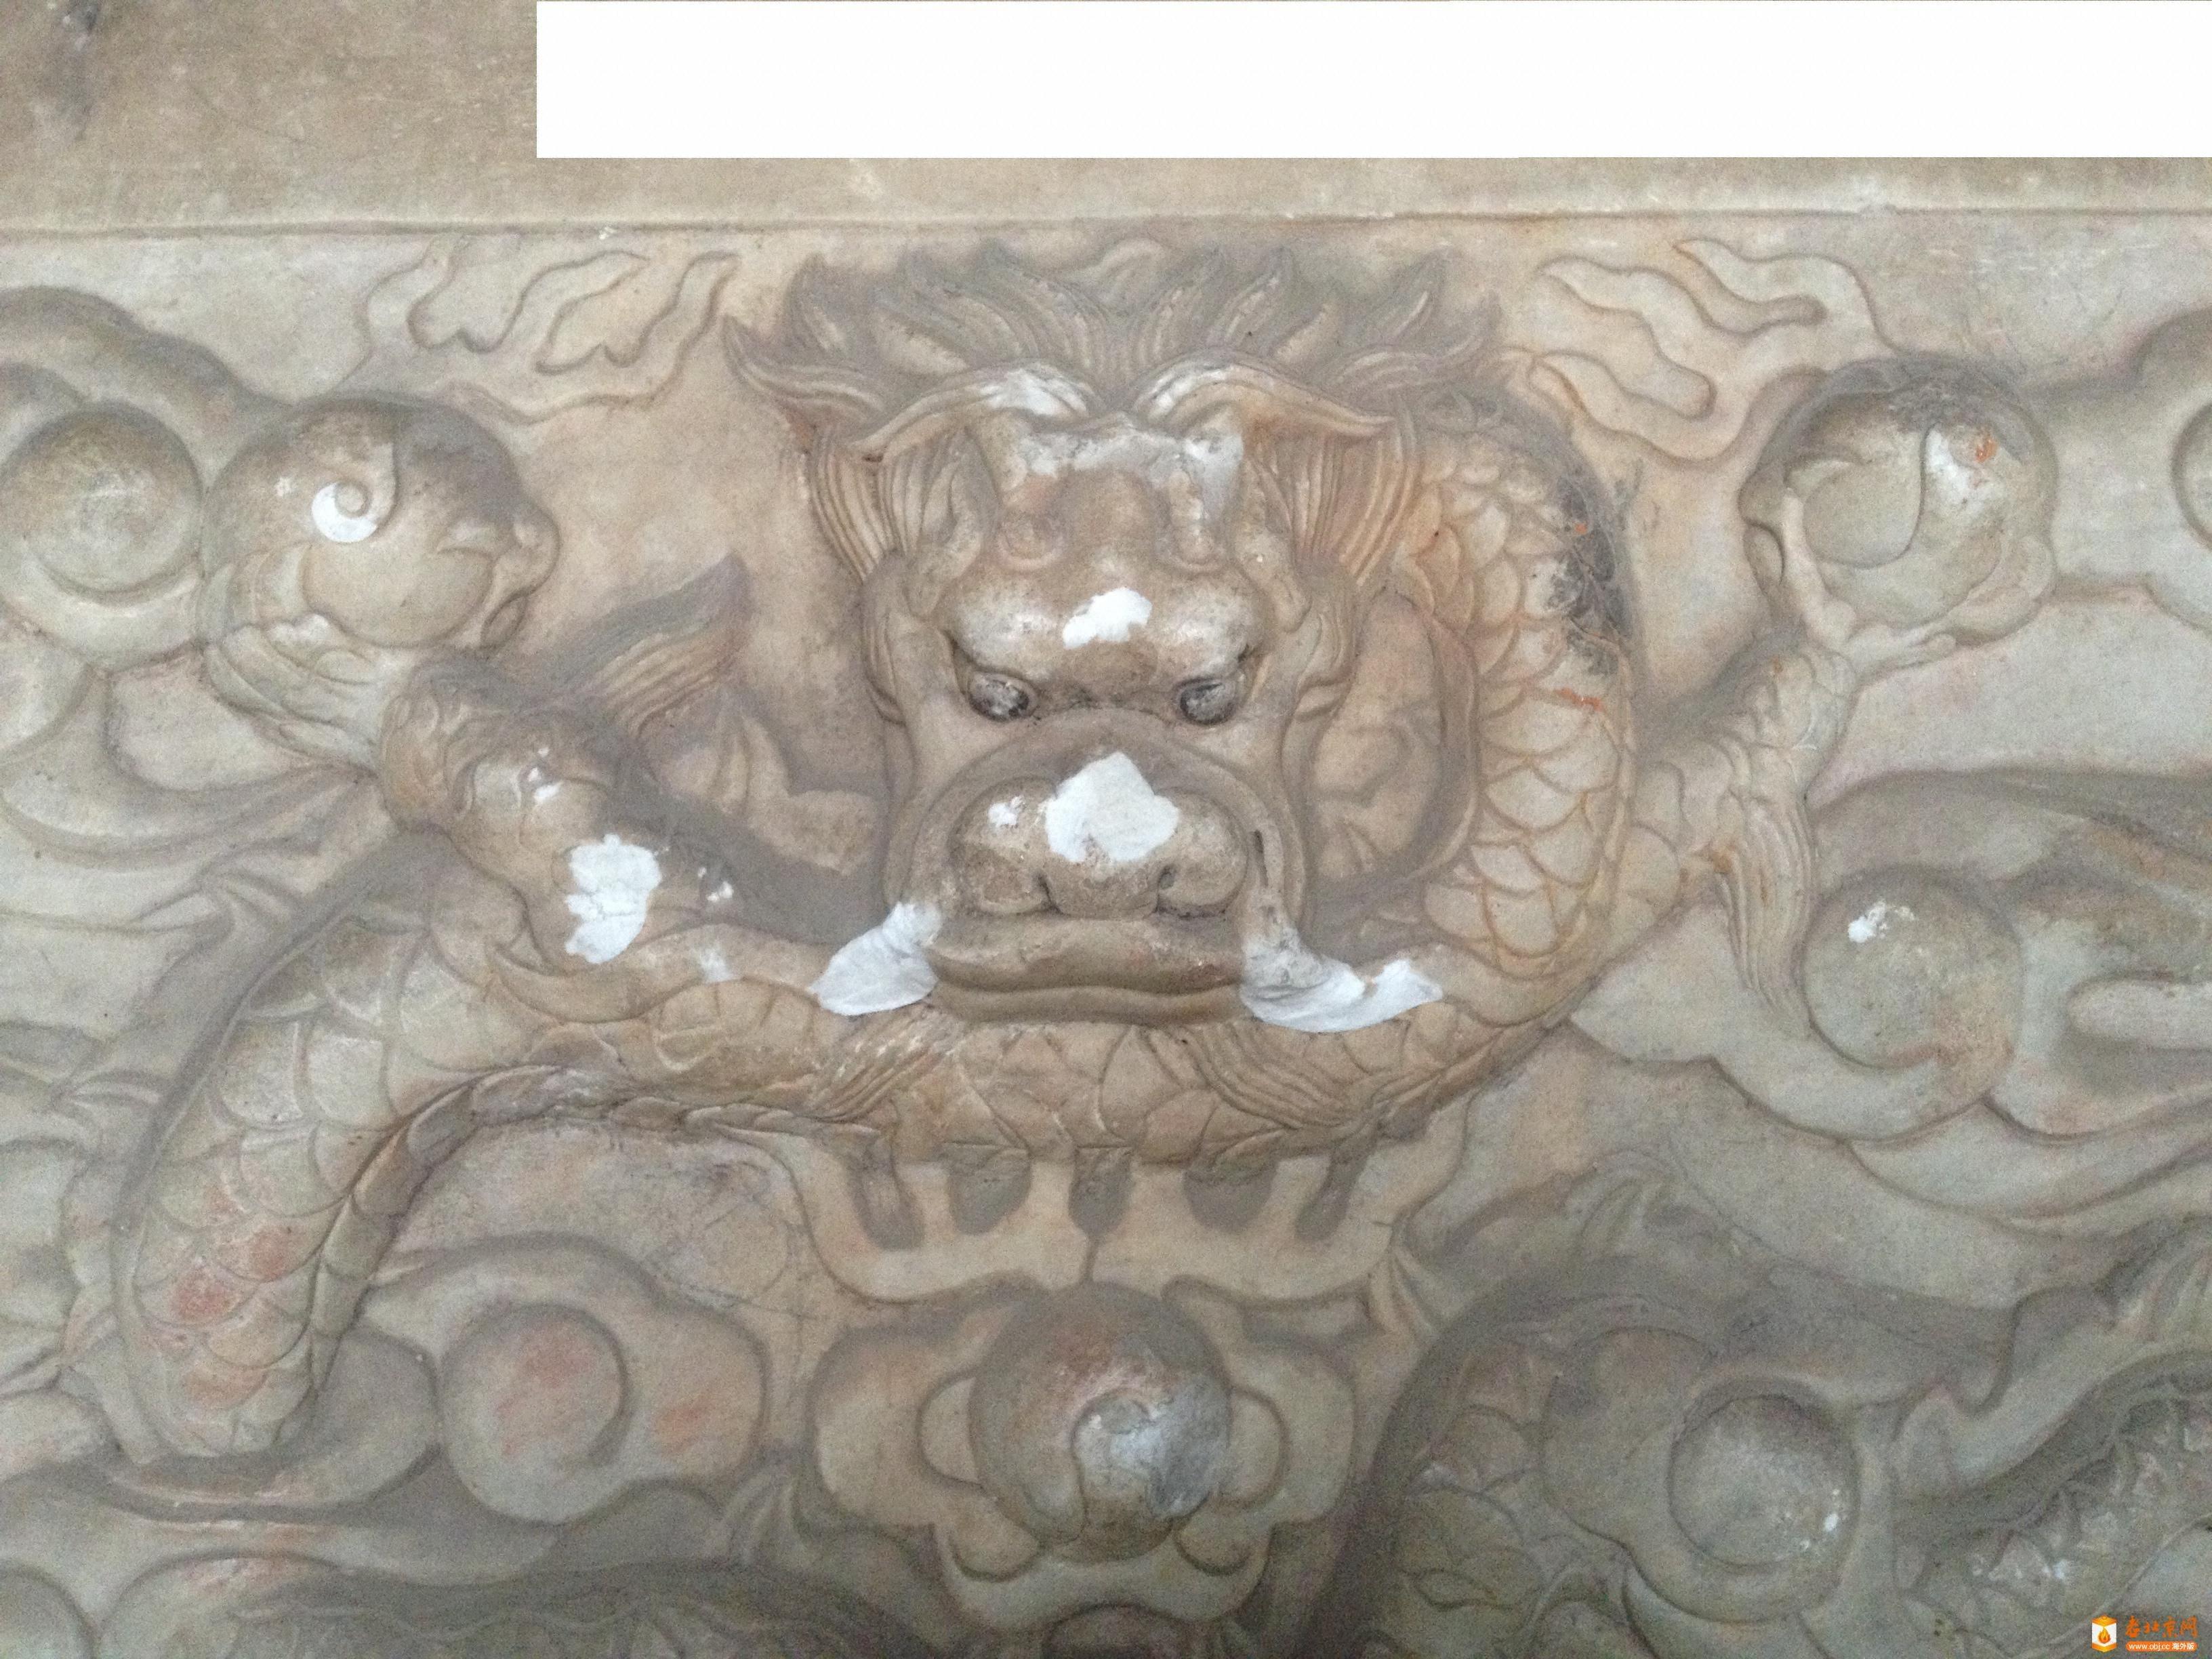 海淀区孚郡王墓保护现状令人堪忧